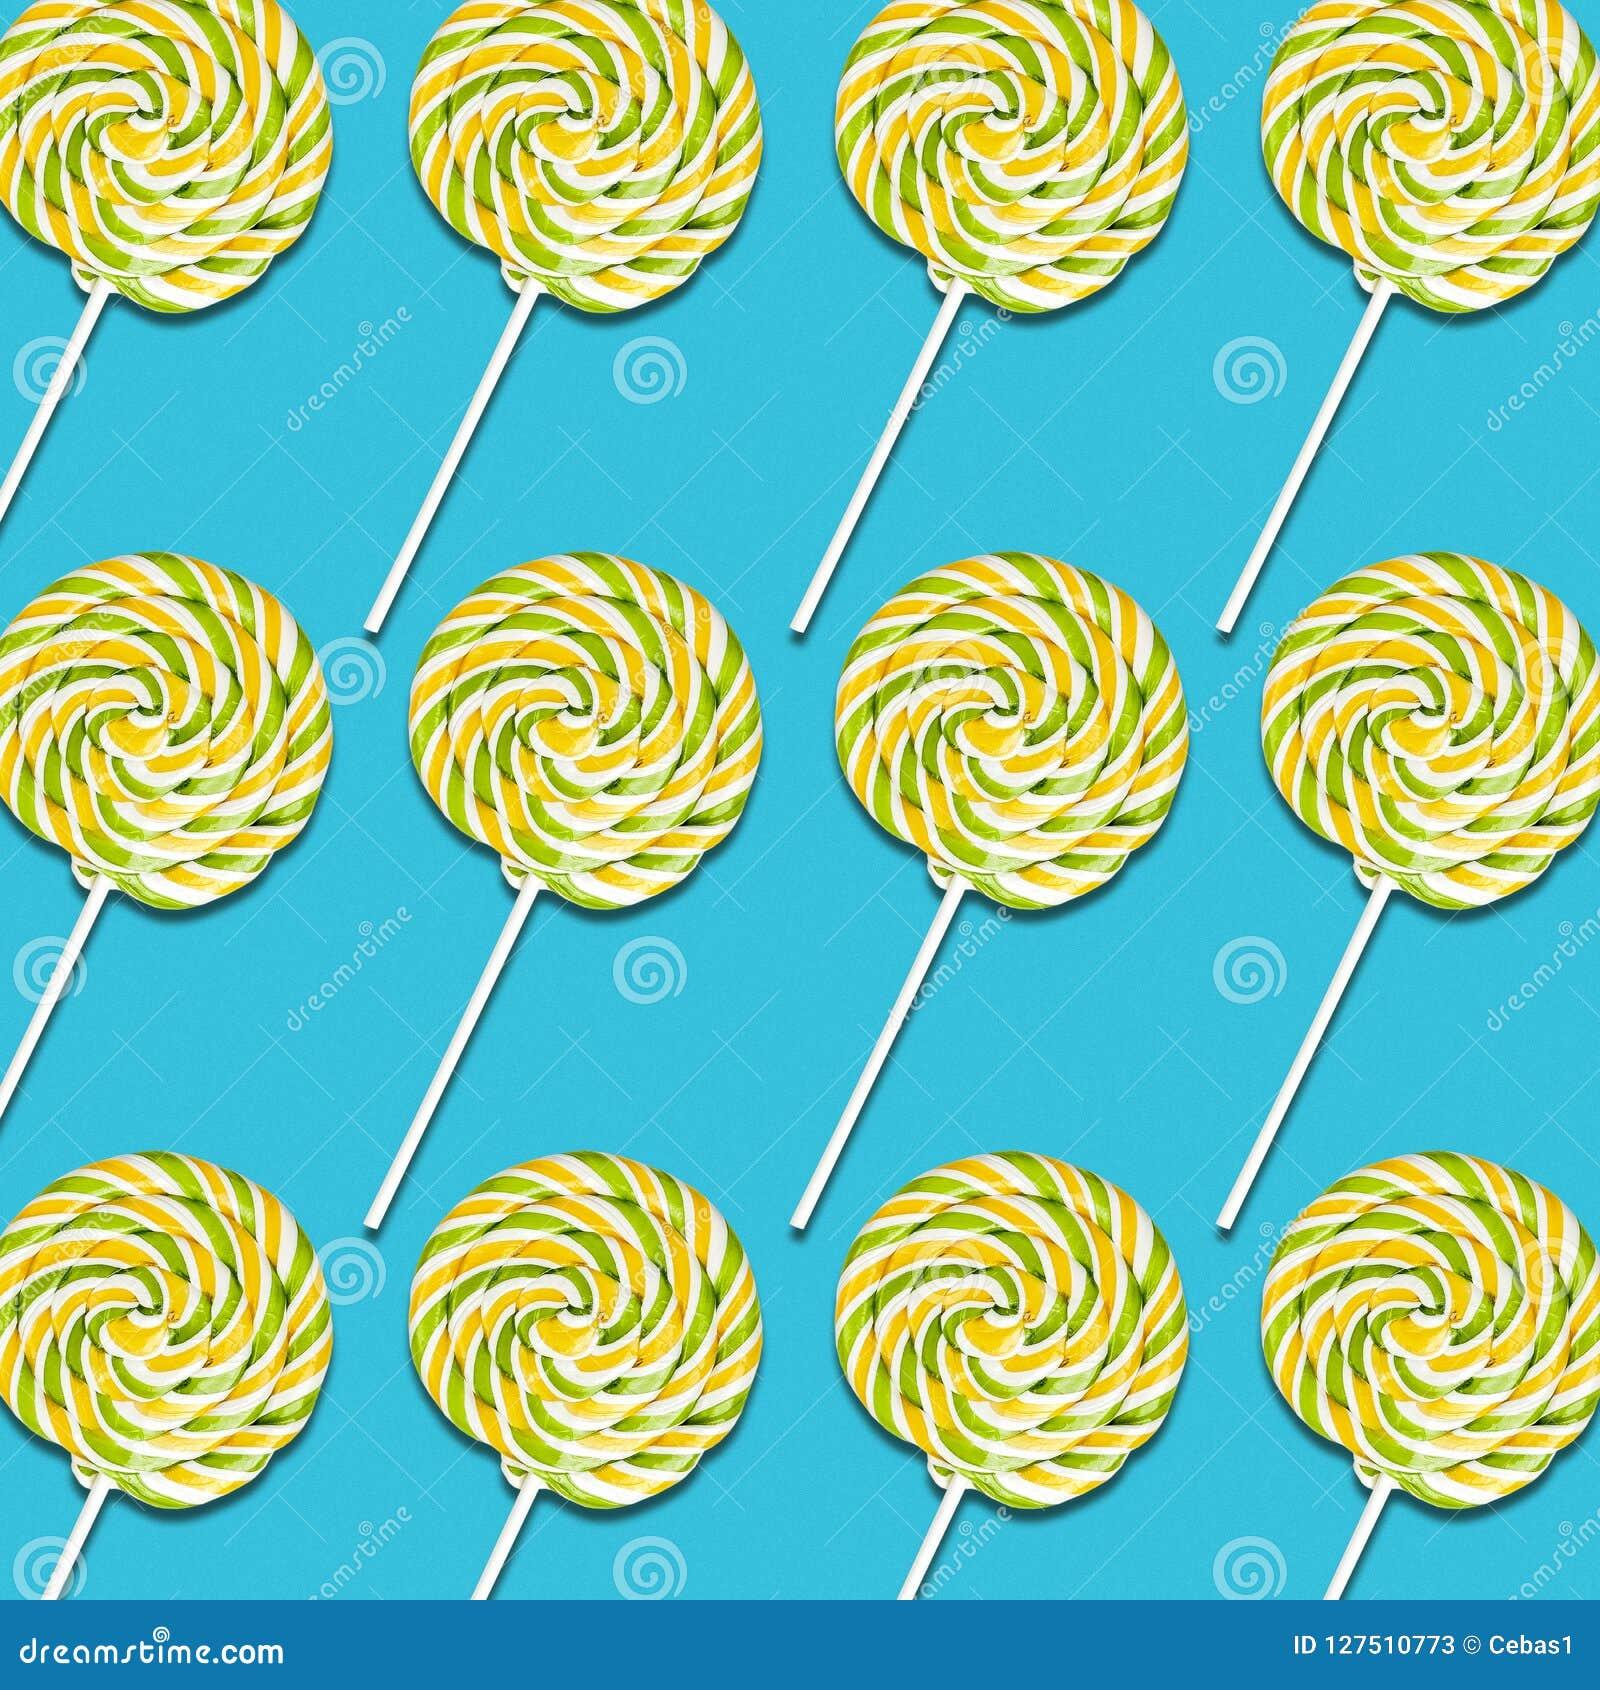 Caramelle gialle e verdi della lecca-lecca sul fondo del turchese